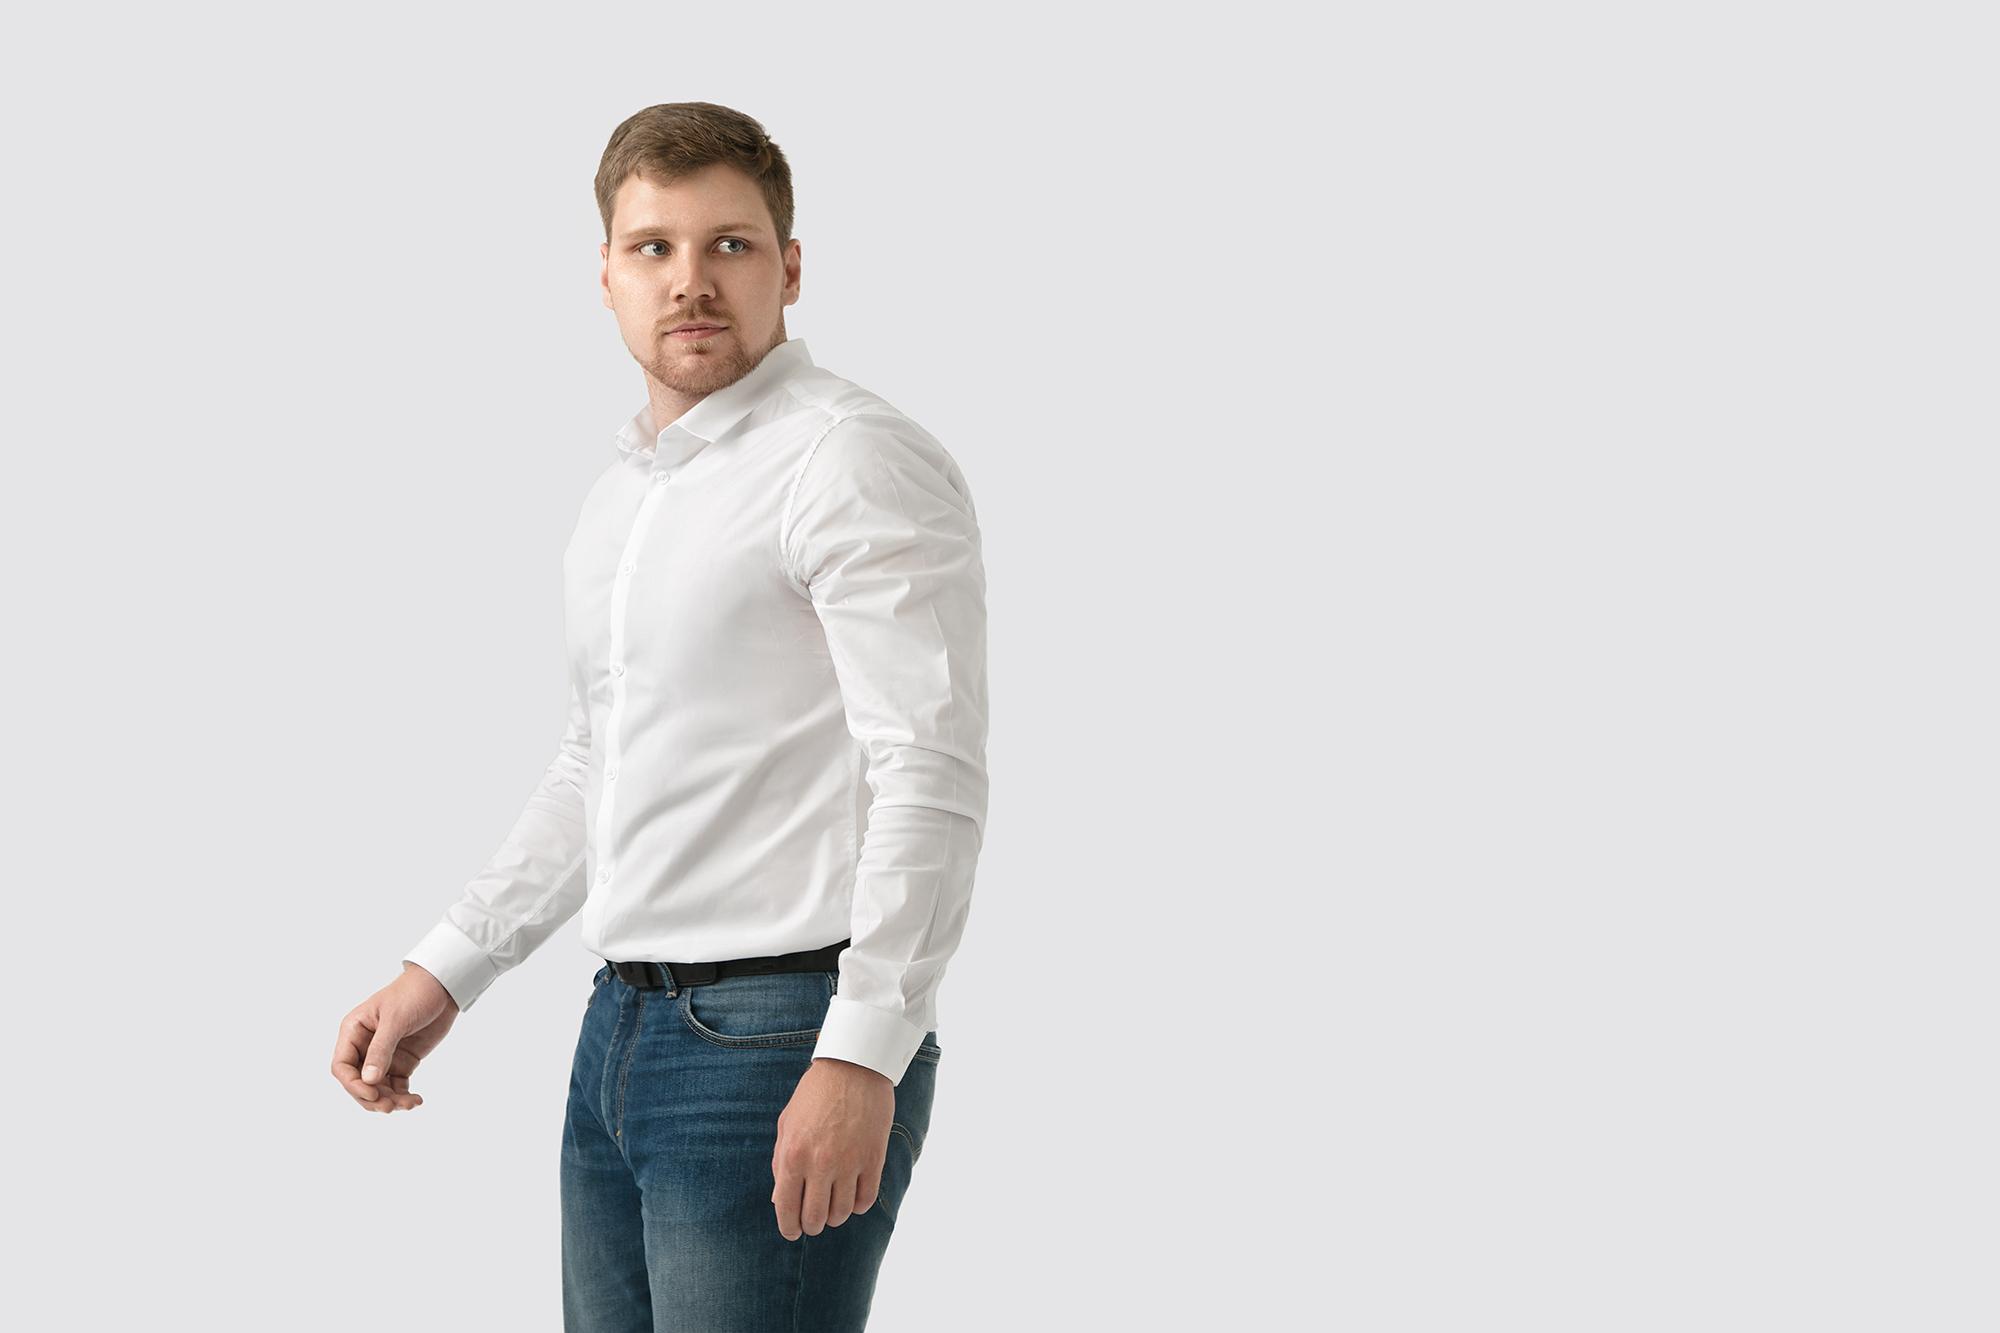 Pavel Tivikov